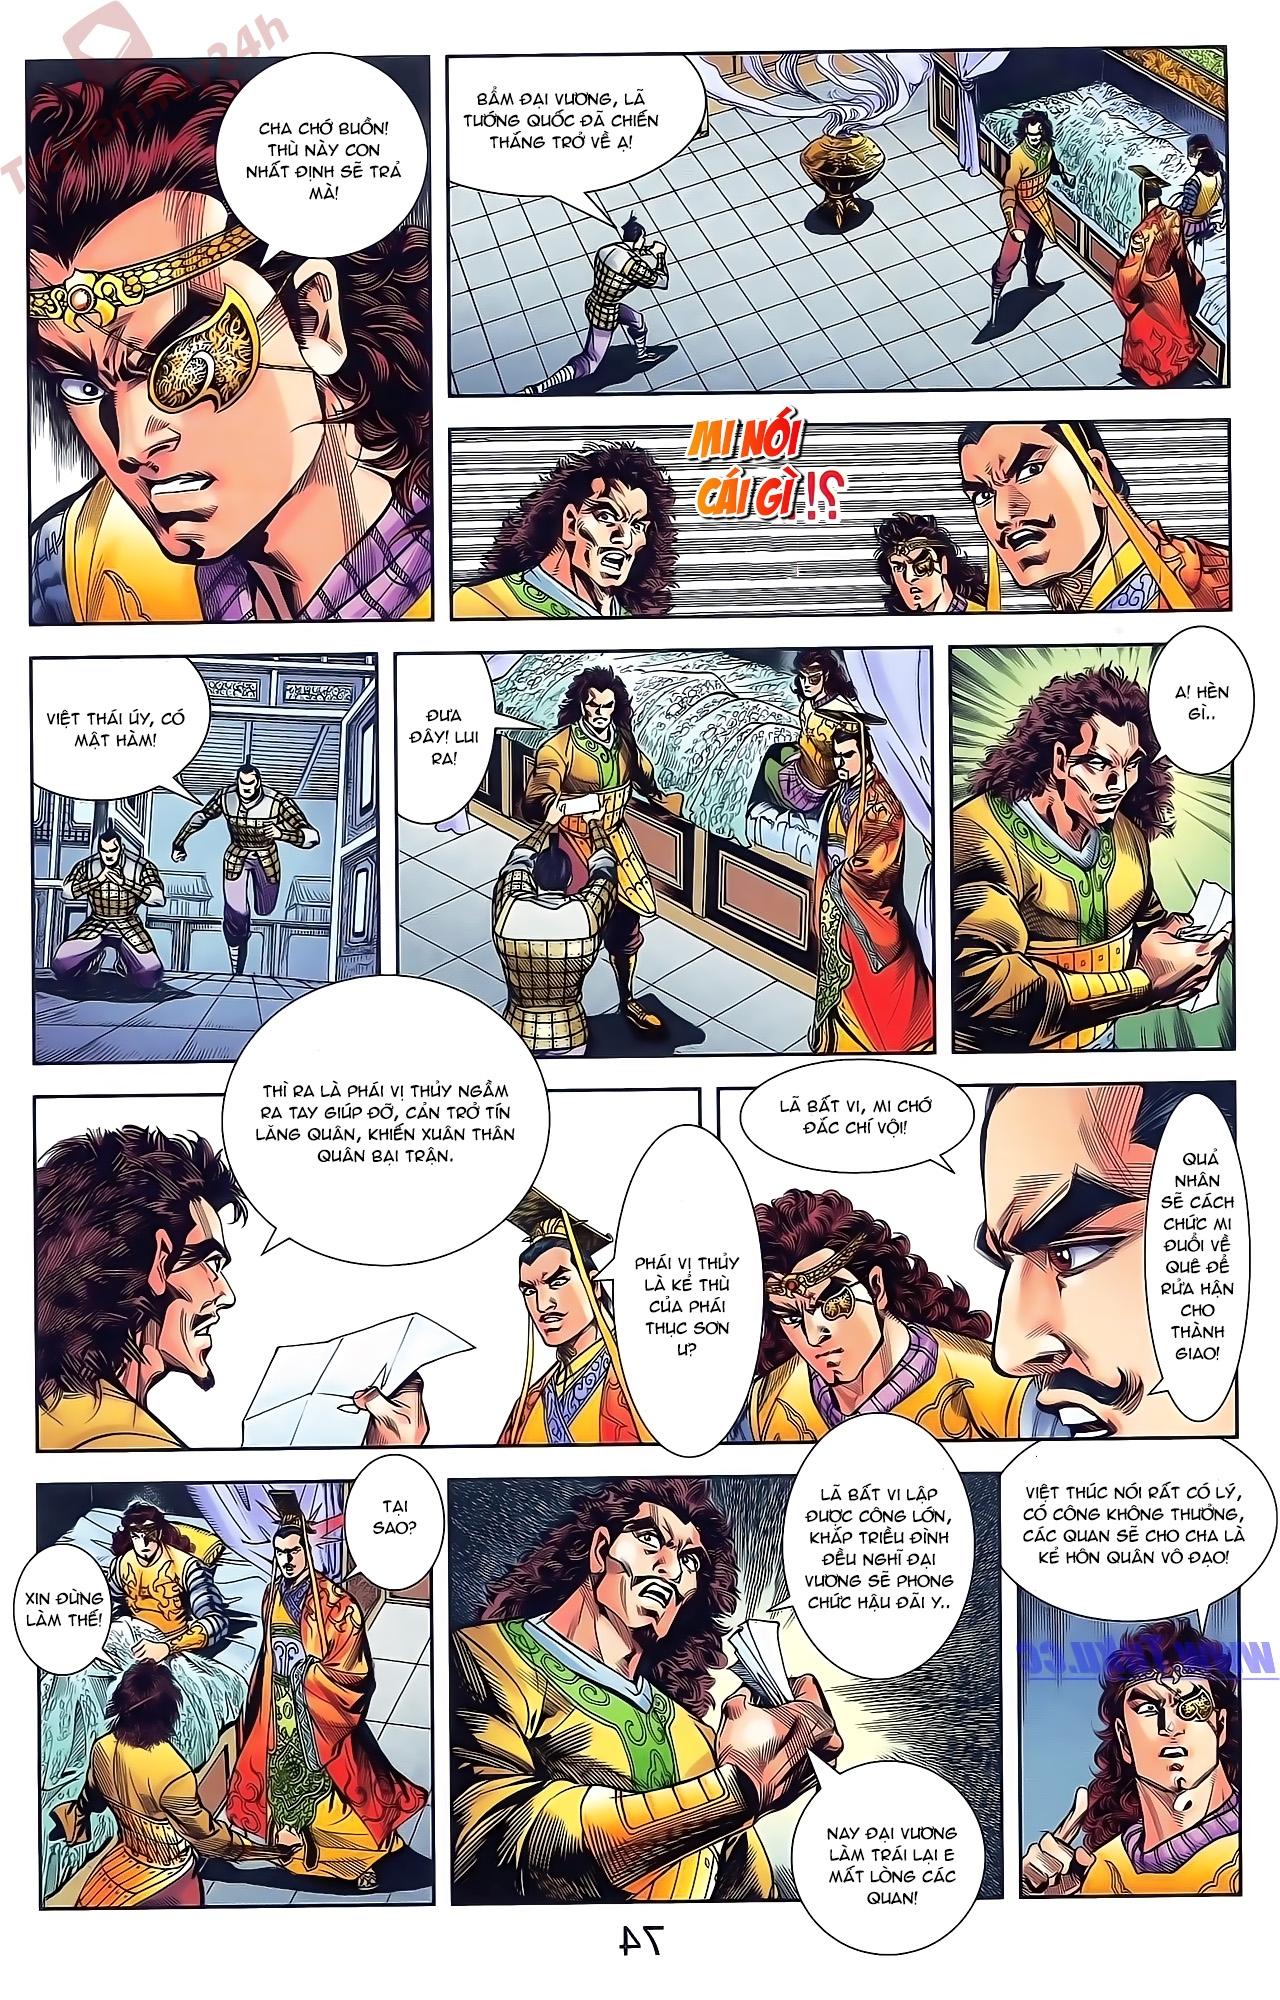 Tần Vương Doanh Chính chapter 49 trang 28